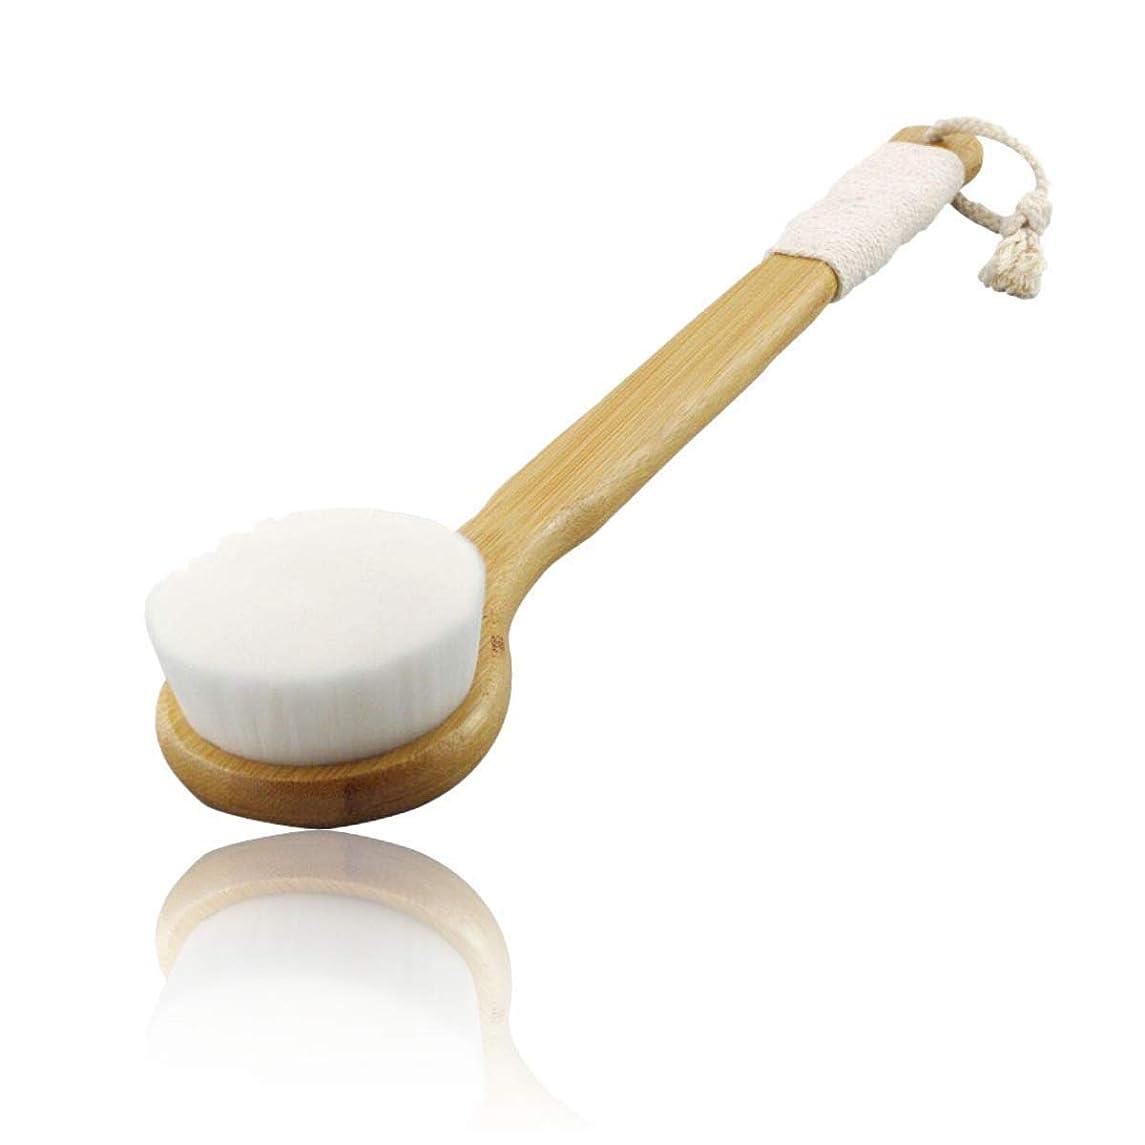 遠洋の代表するディスクボディースポンジ 洗顔ブラシ 竹製長柄 やわらかボディブラシ 背中 毛穴 ボディ洗浄 白